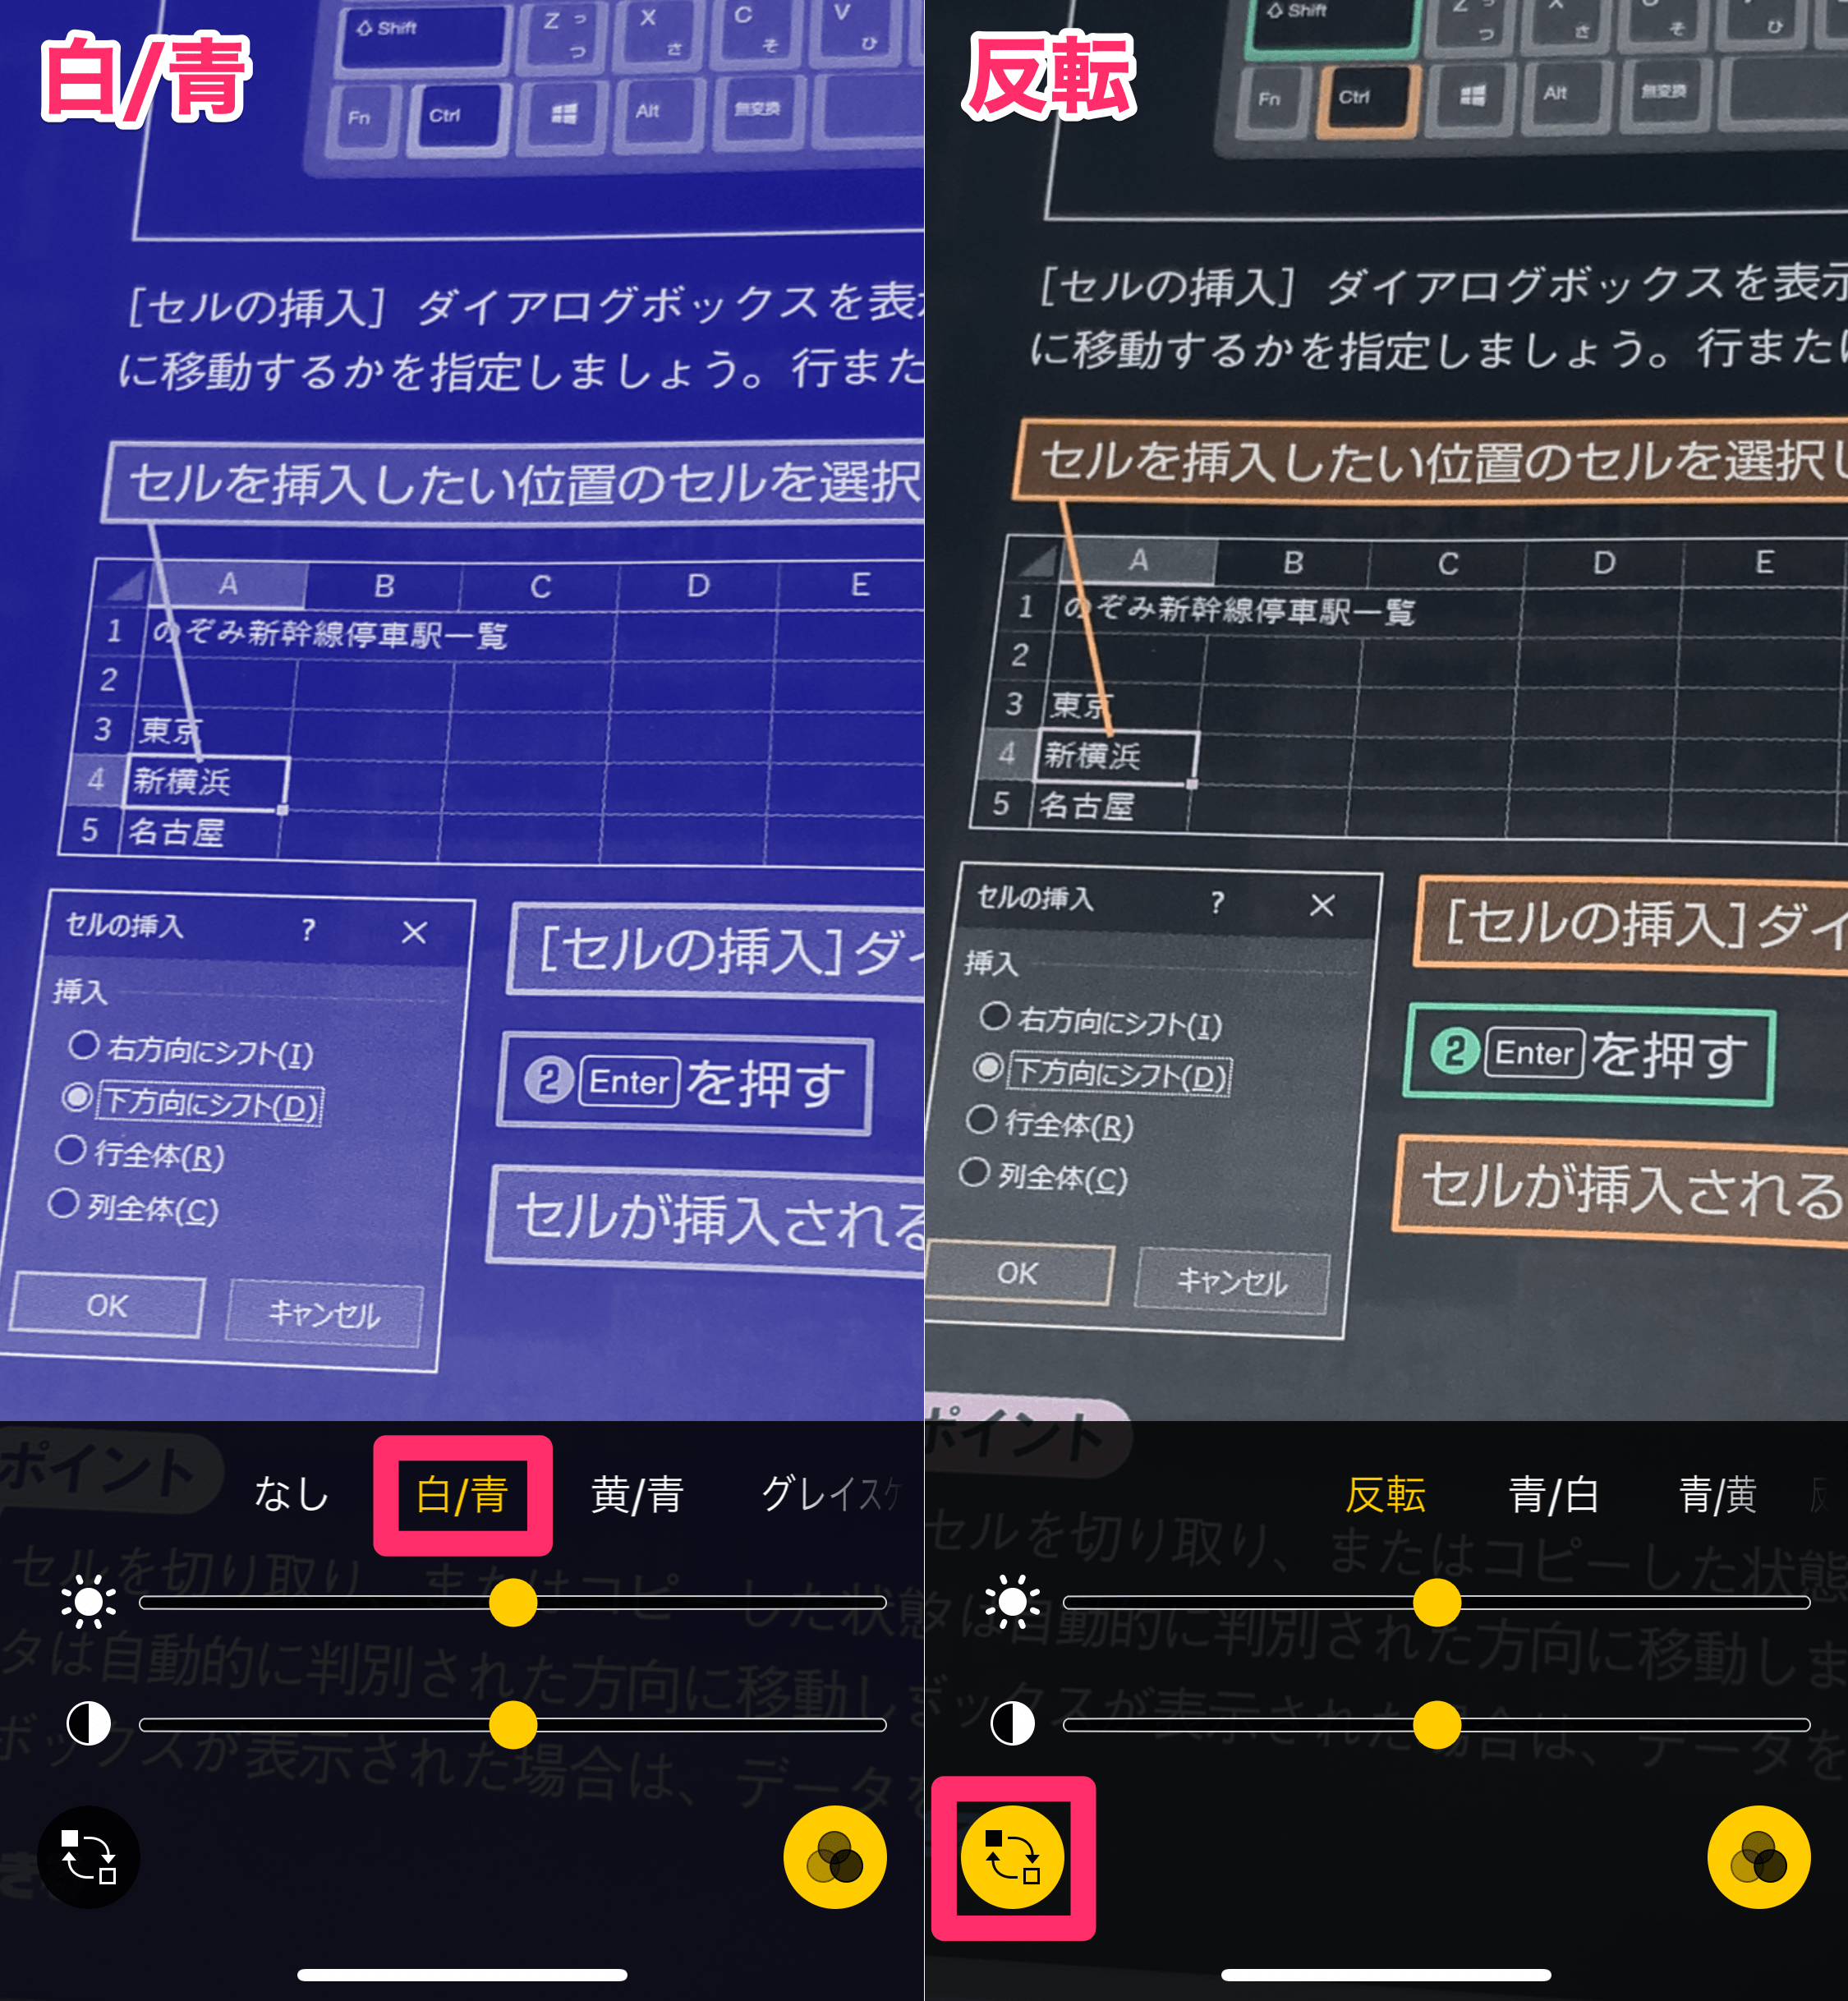 「小さすぎて読めないっ!」をiPhoneで解決する2つのワザ。拡大鏡とテキストサイズで老眼対策